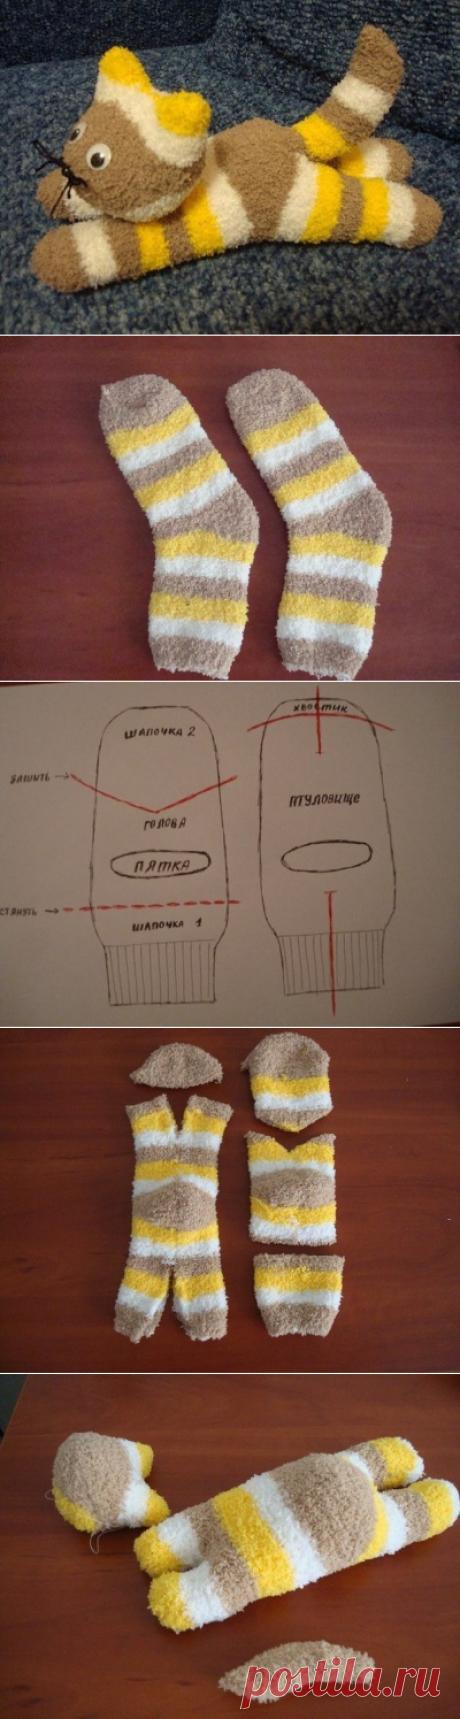 Из обычных носков можно сделать такого симпатичного котенка.